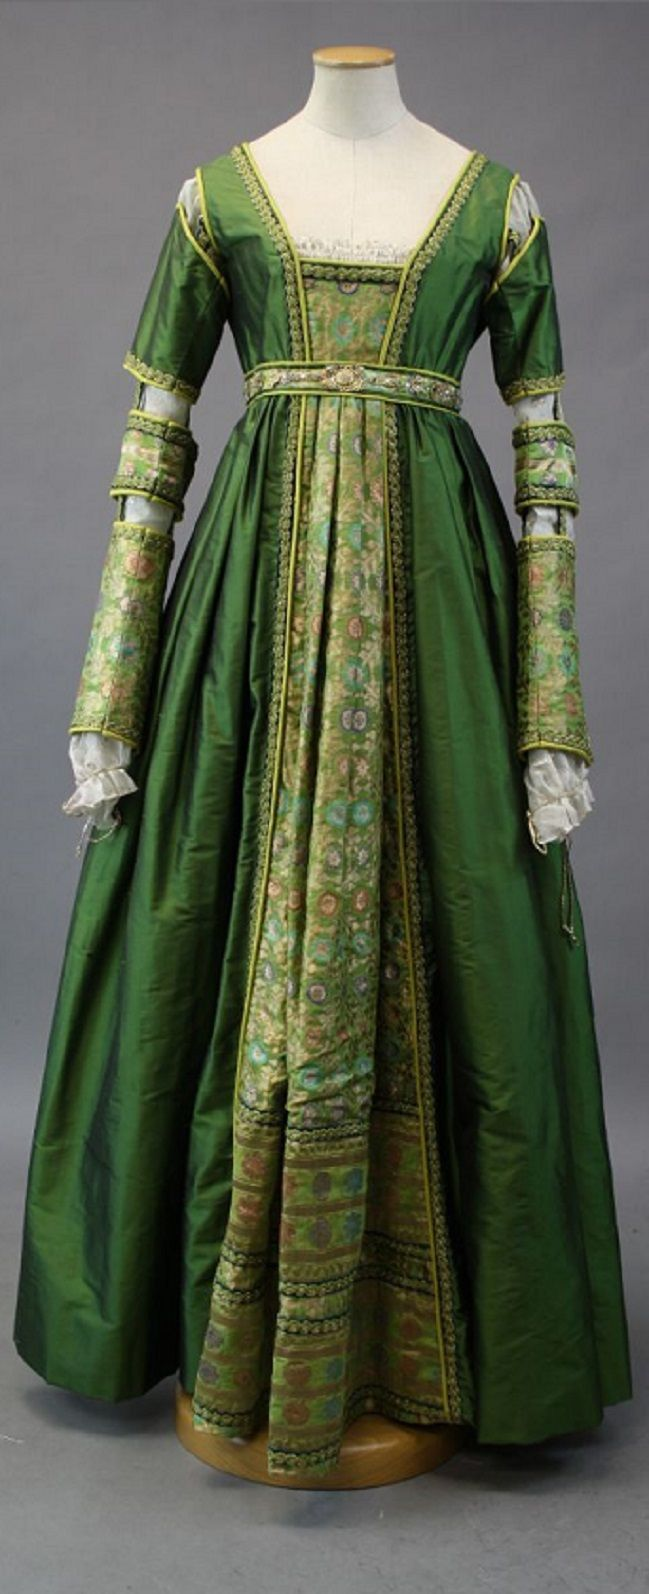 Renaissance   SCA garb   Pinterest   Renaissance, Costumes and Medieval